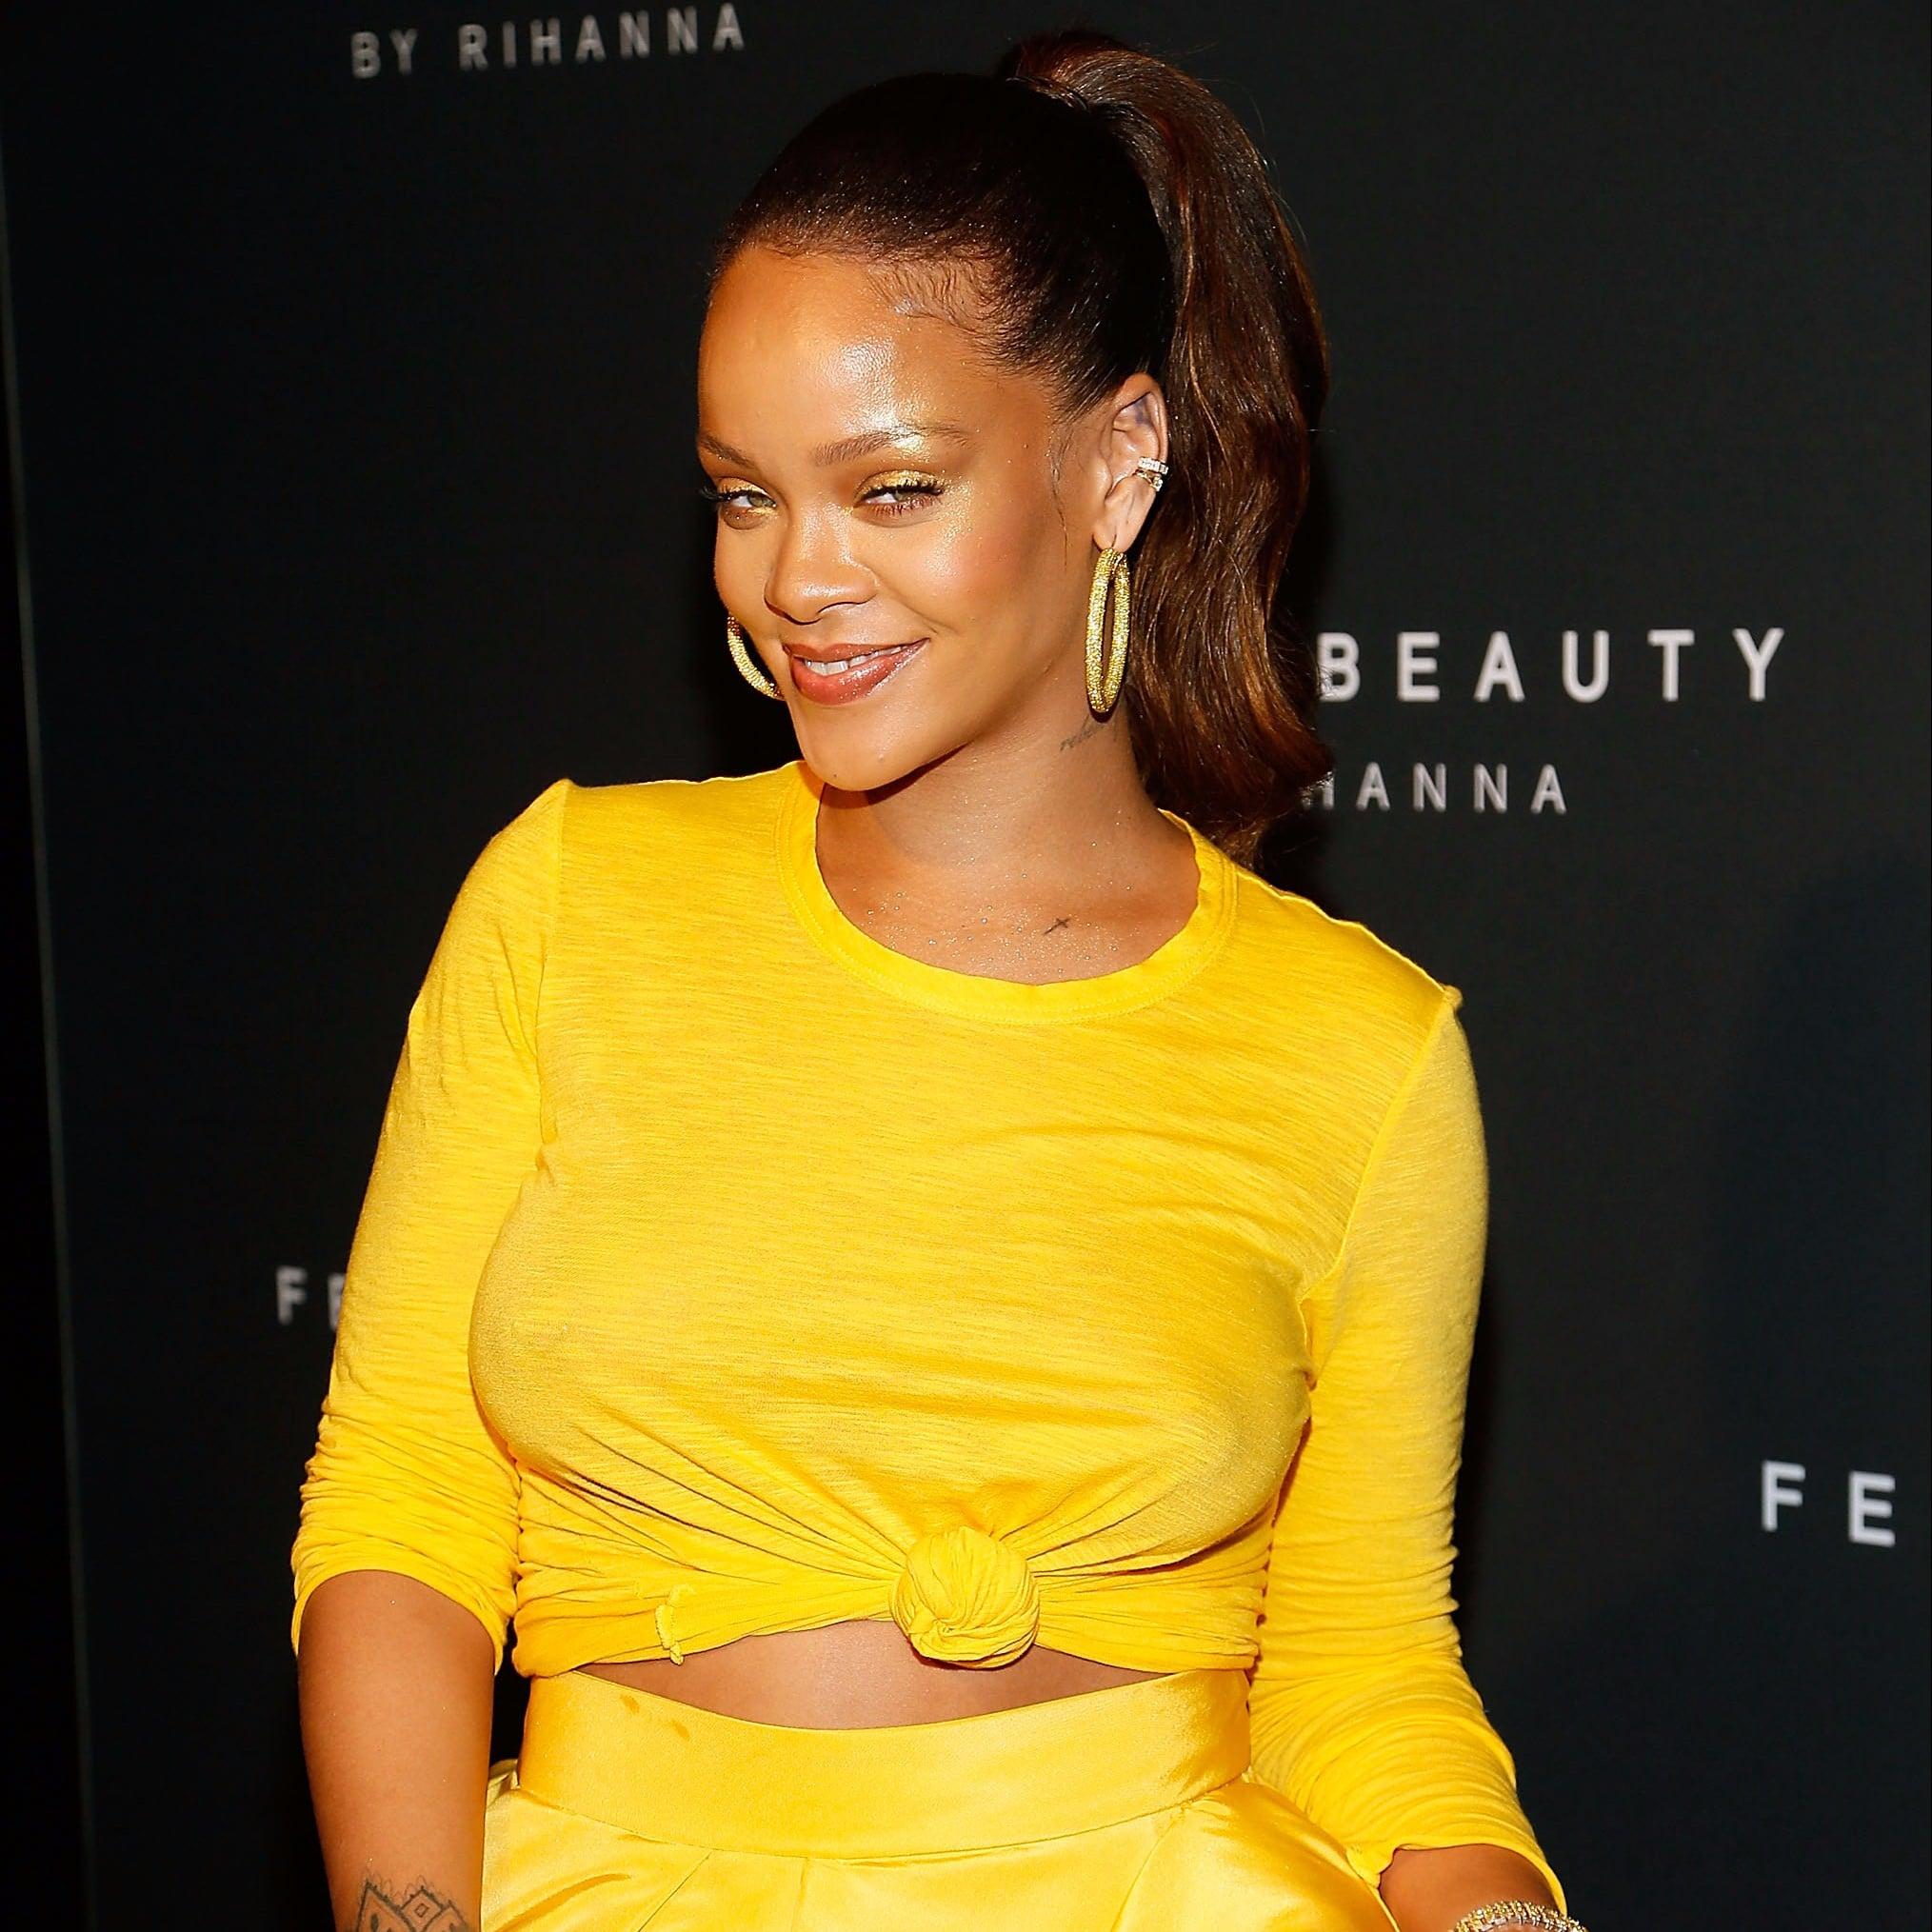 cleavage Pics Rihanna Braless naked photo 2017